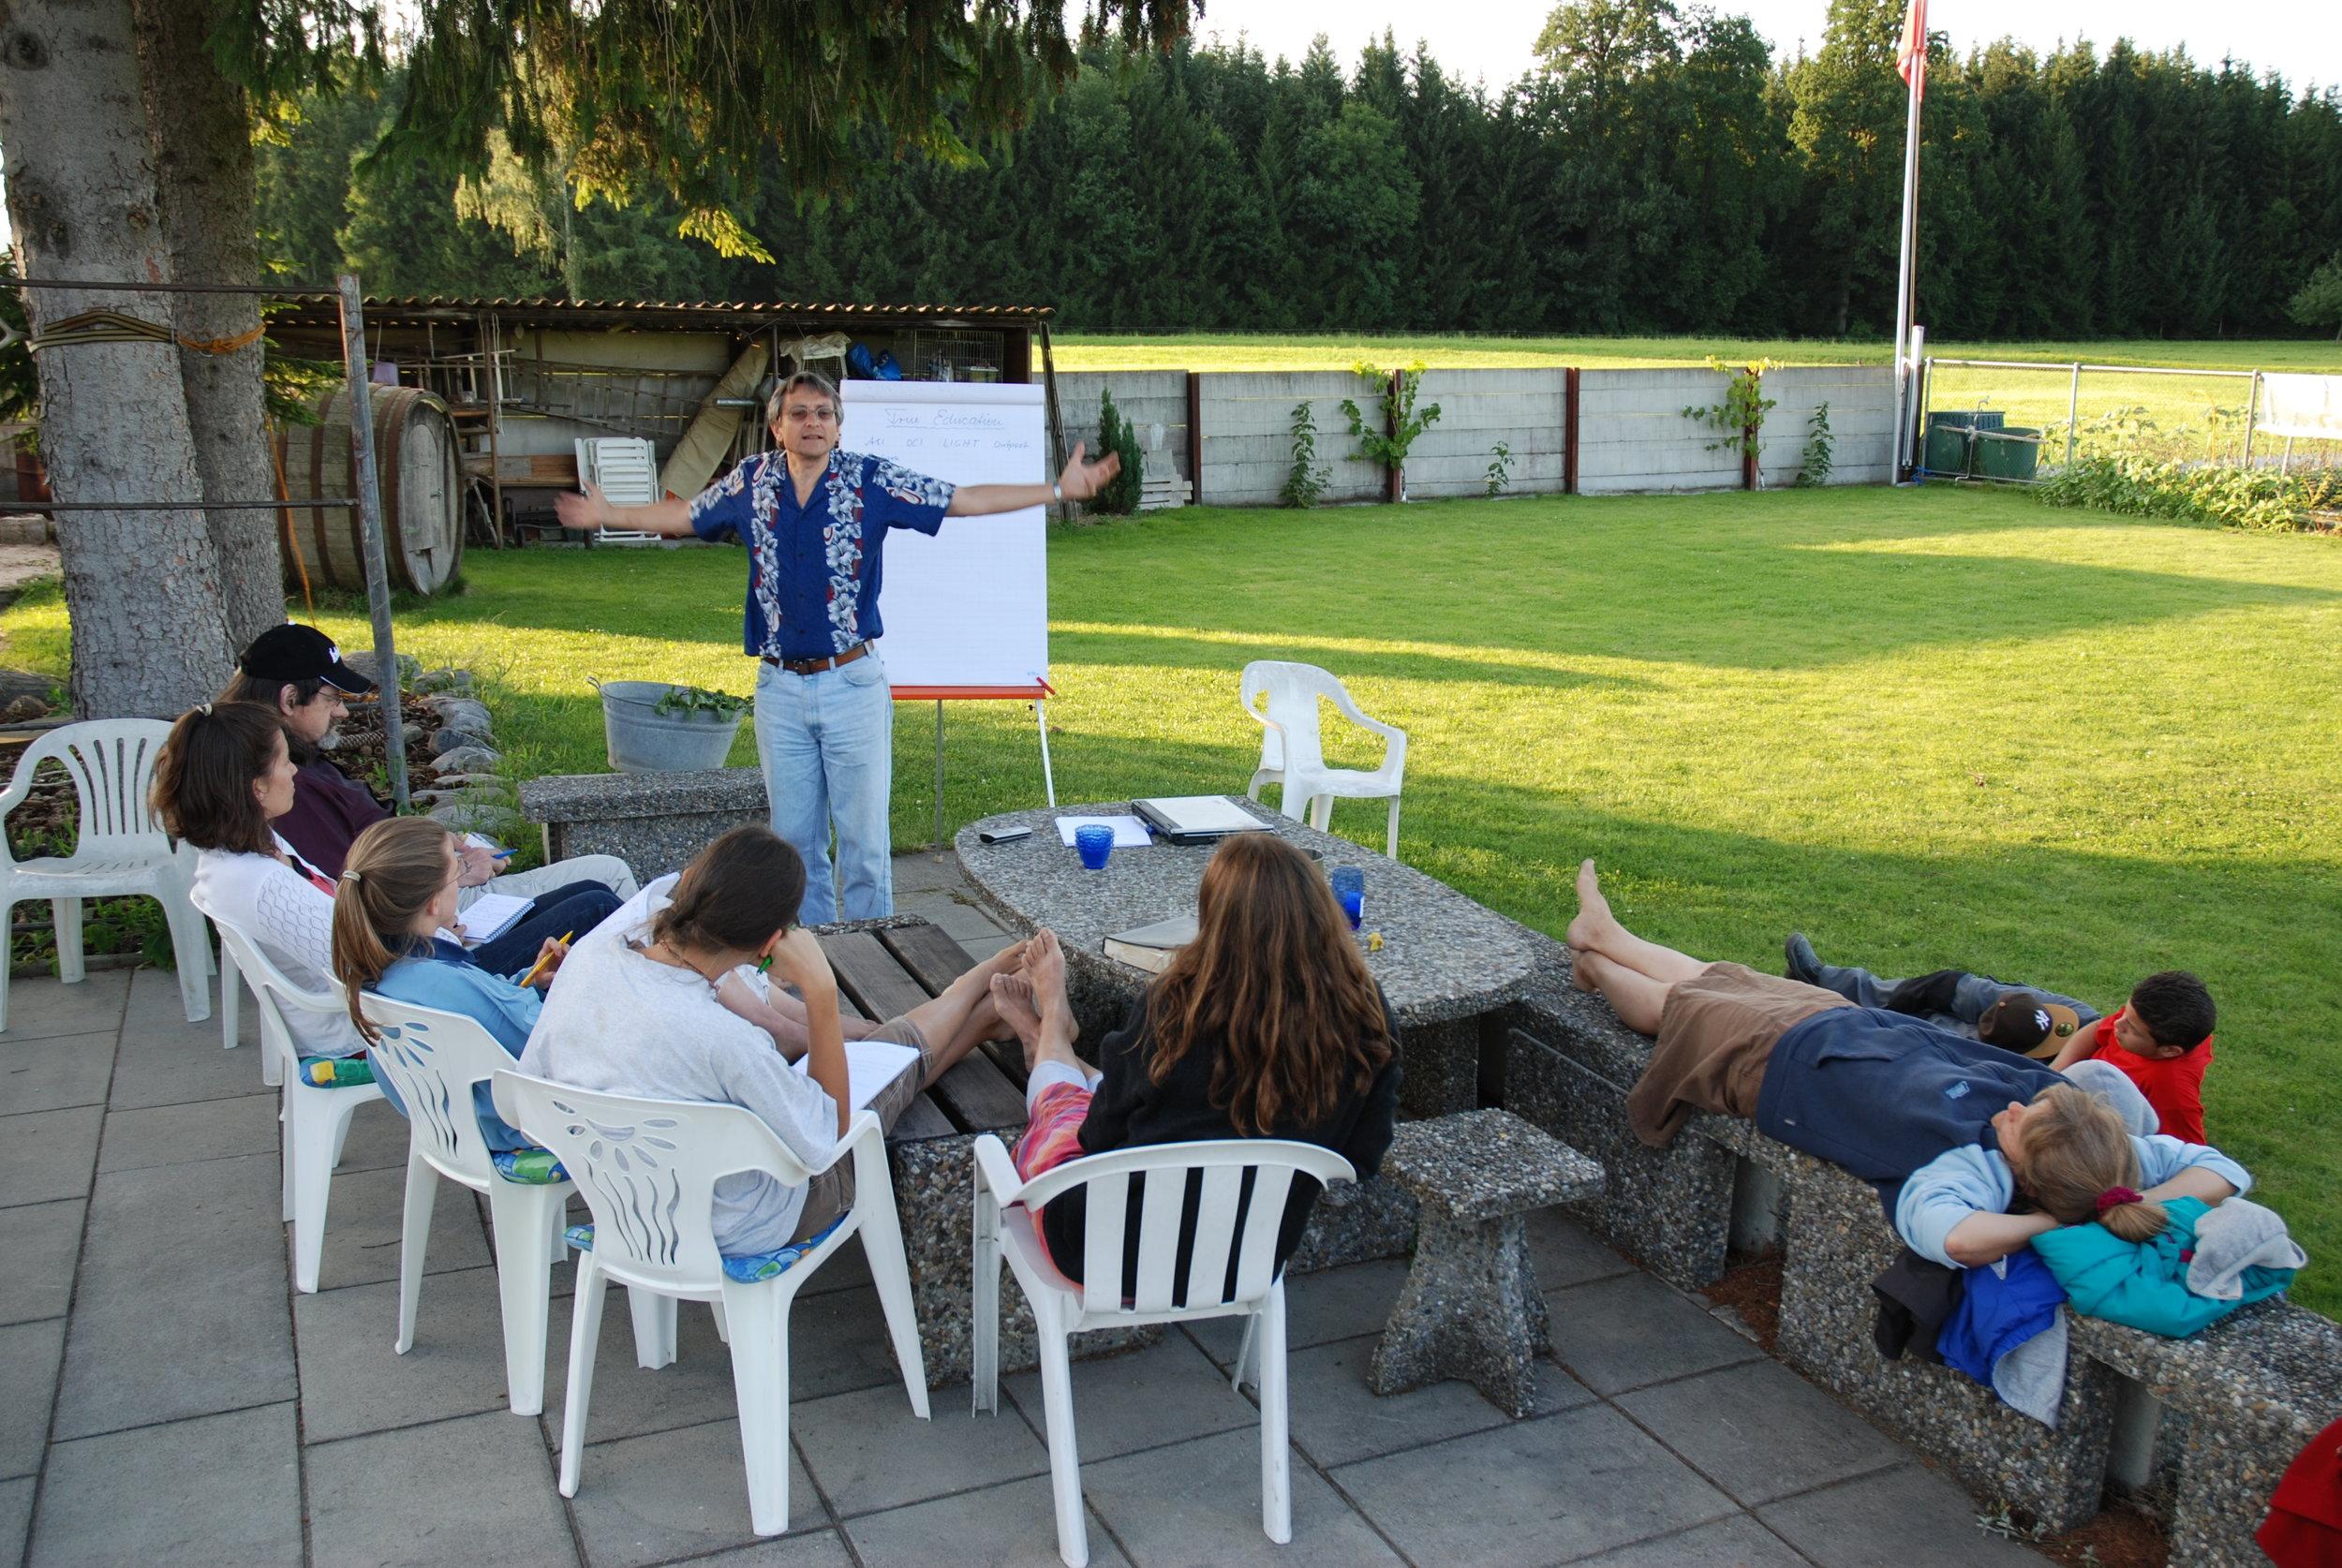 ....   Ernst unterrichtet 'Gesundheit ganzheitlich' in unserem Garten   ..   Ernst teaching health evangelism in our backyard   ....